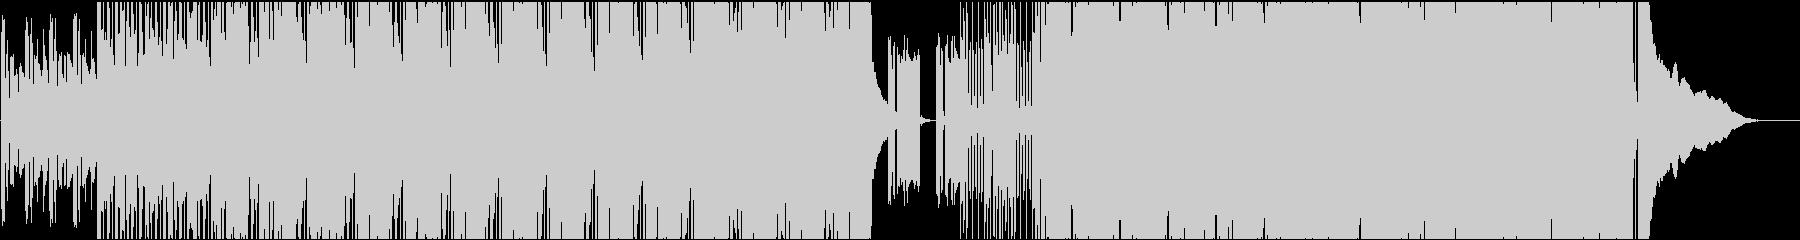 インストピアノロックの未再生の波形